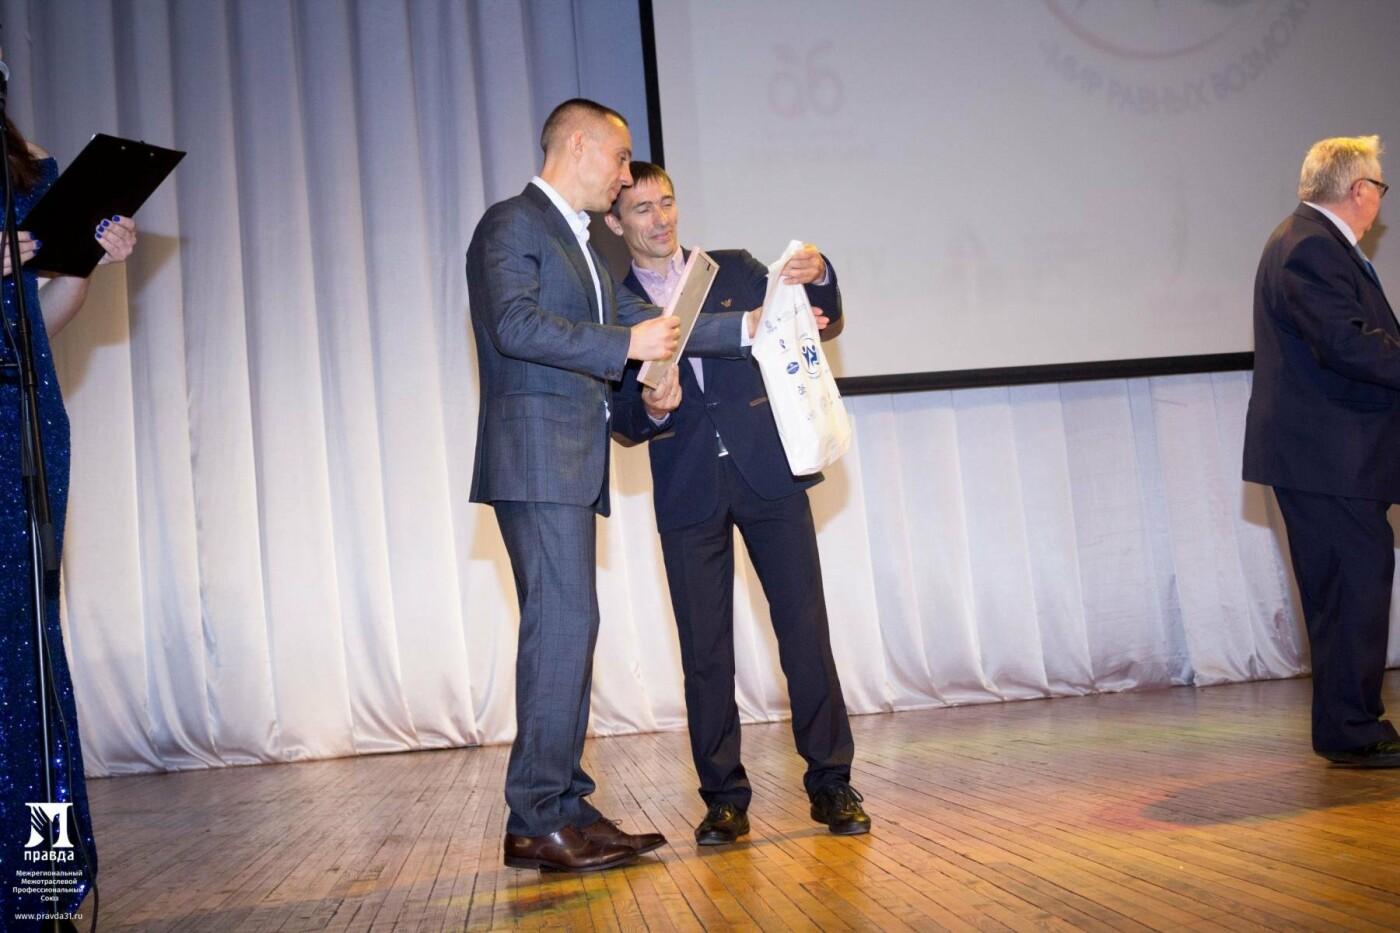 В Белгороде подвели итоги II фестиваля-марафона «Мир равных возможностей», фото-22